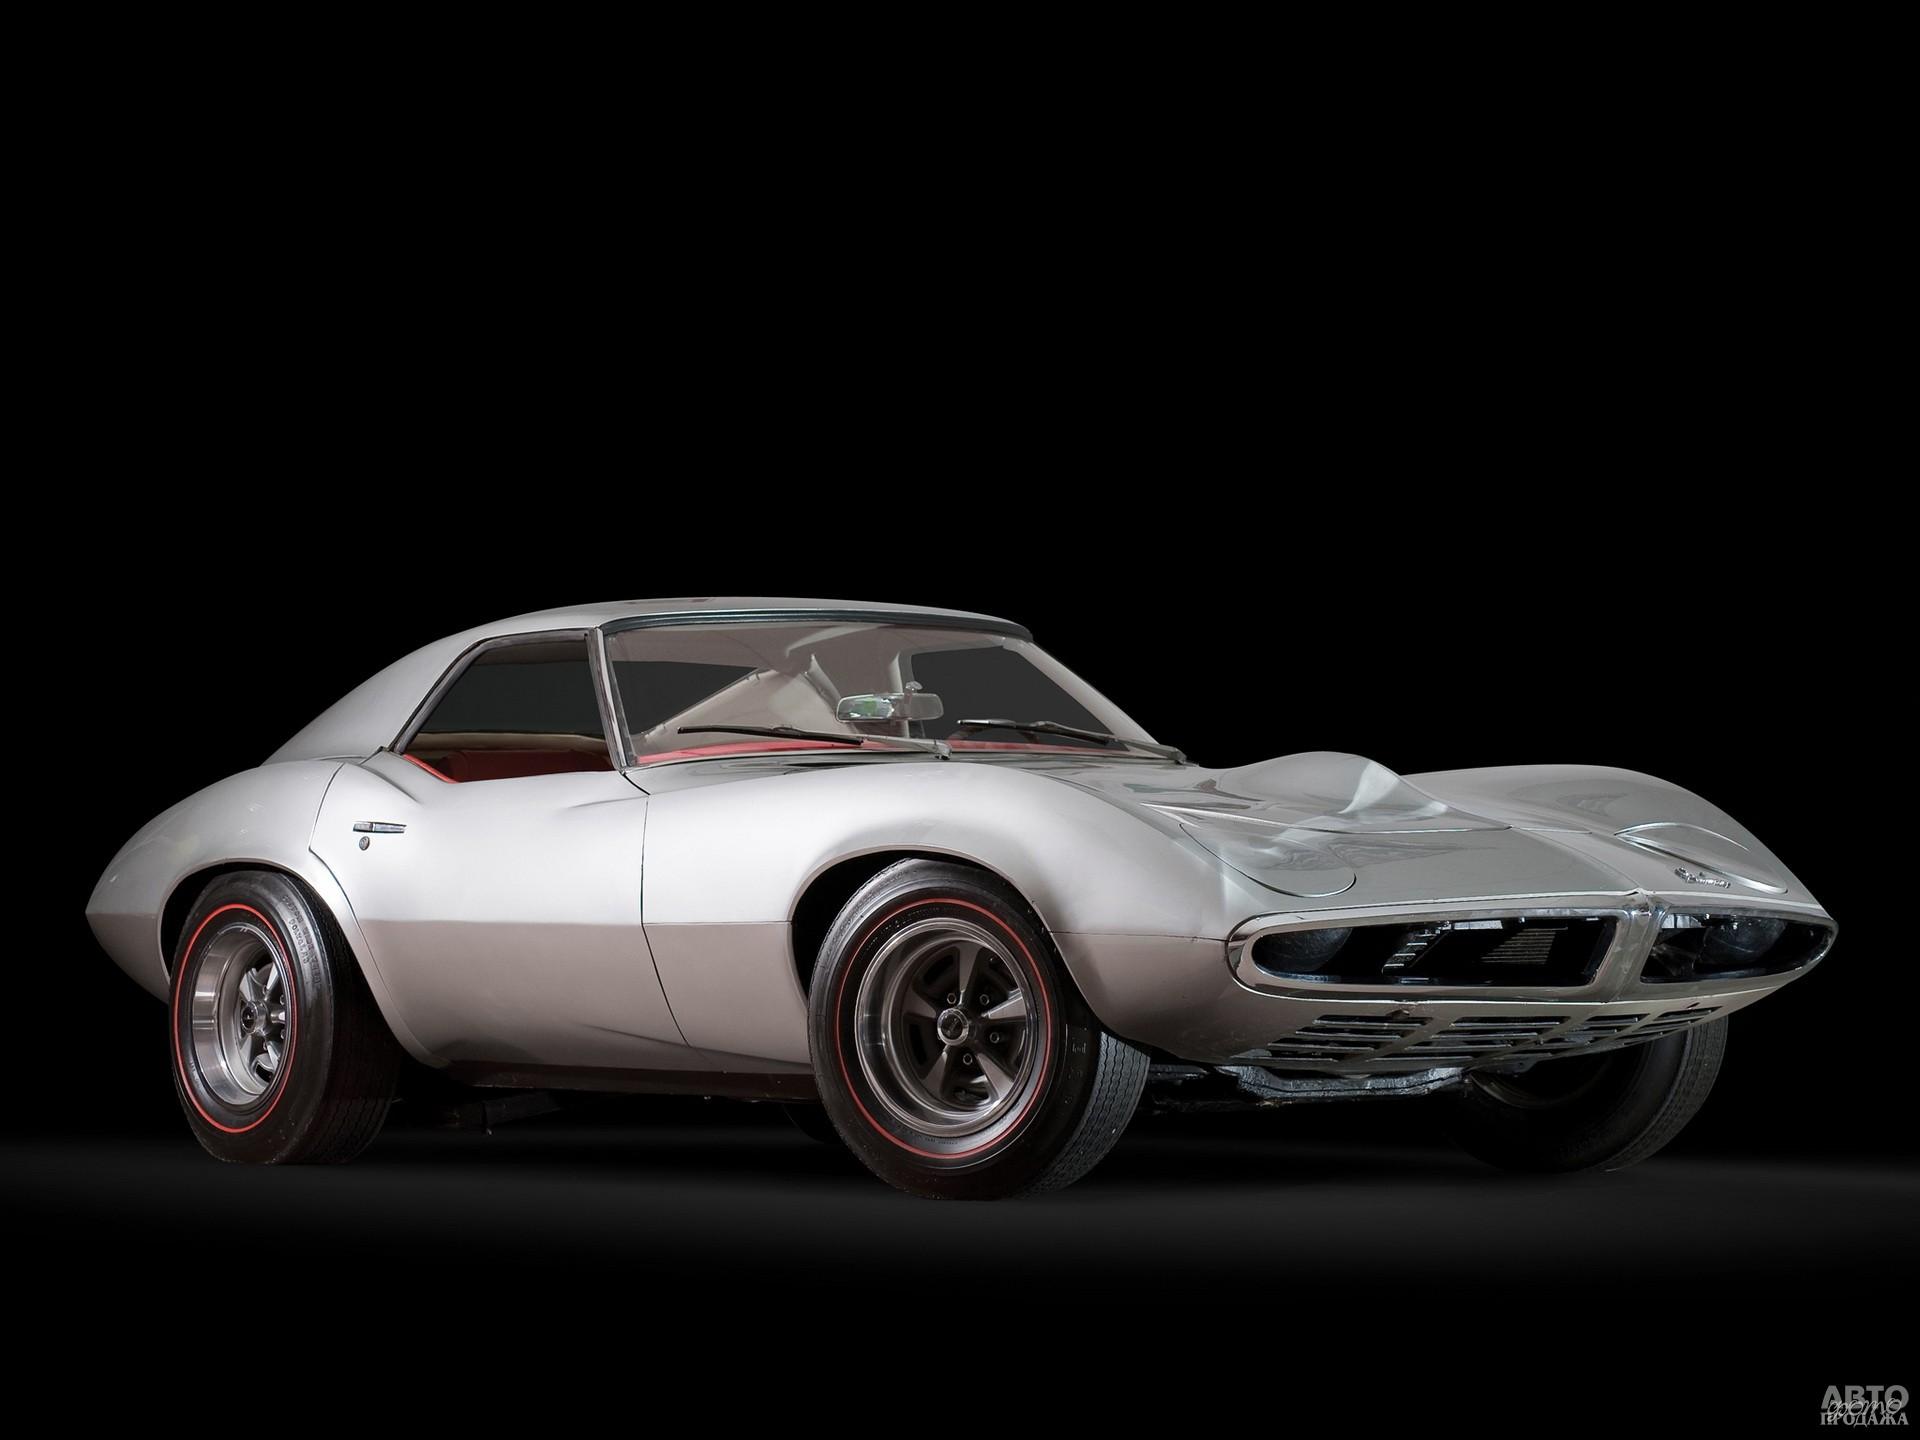 Концепт-кар Pontiac Banshee так и не стал серийным